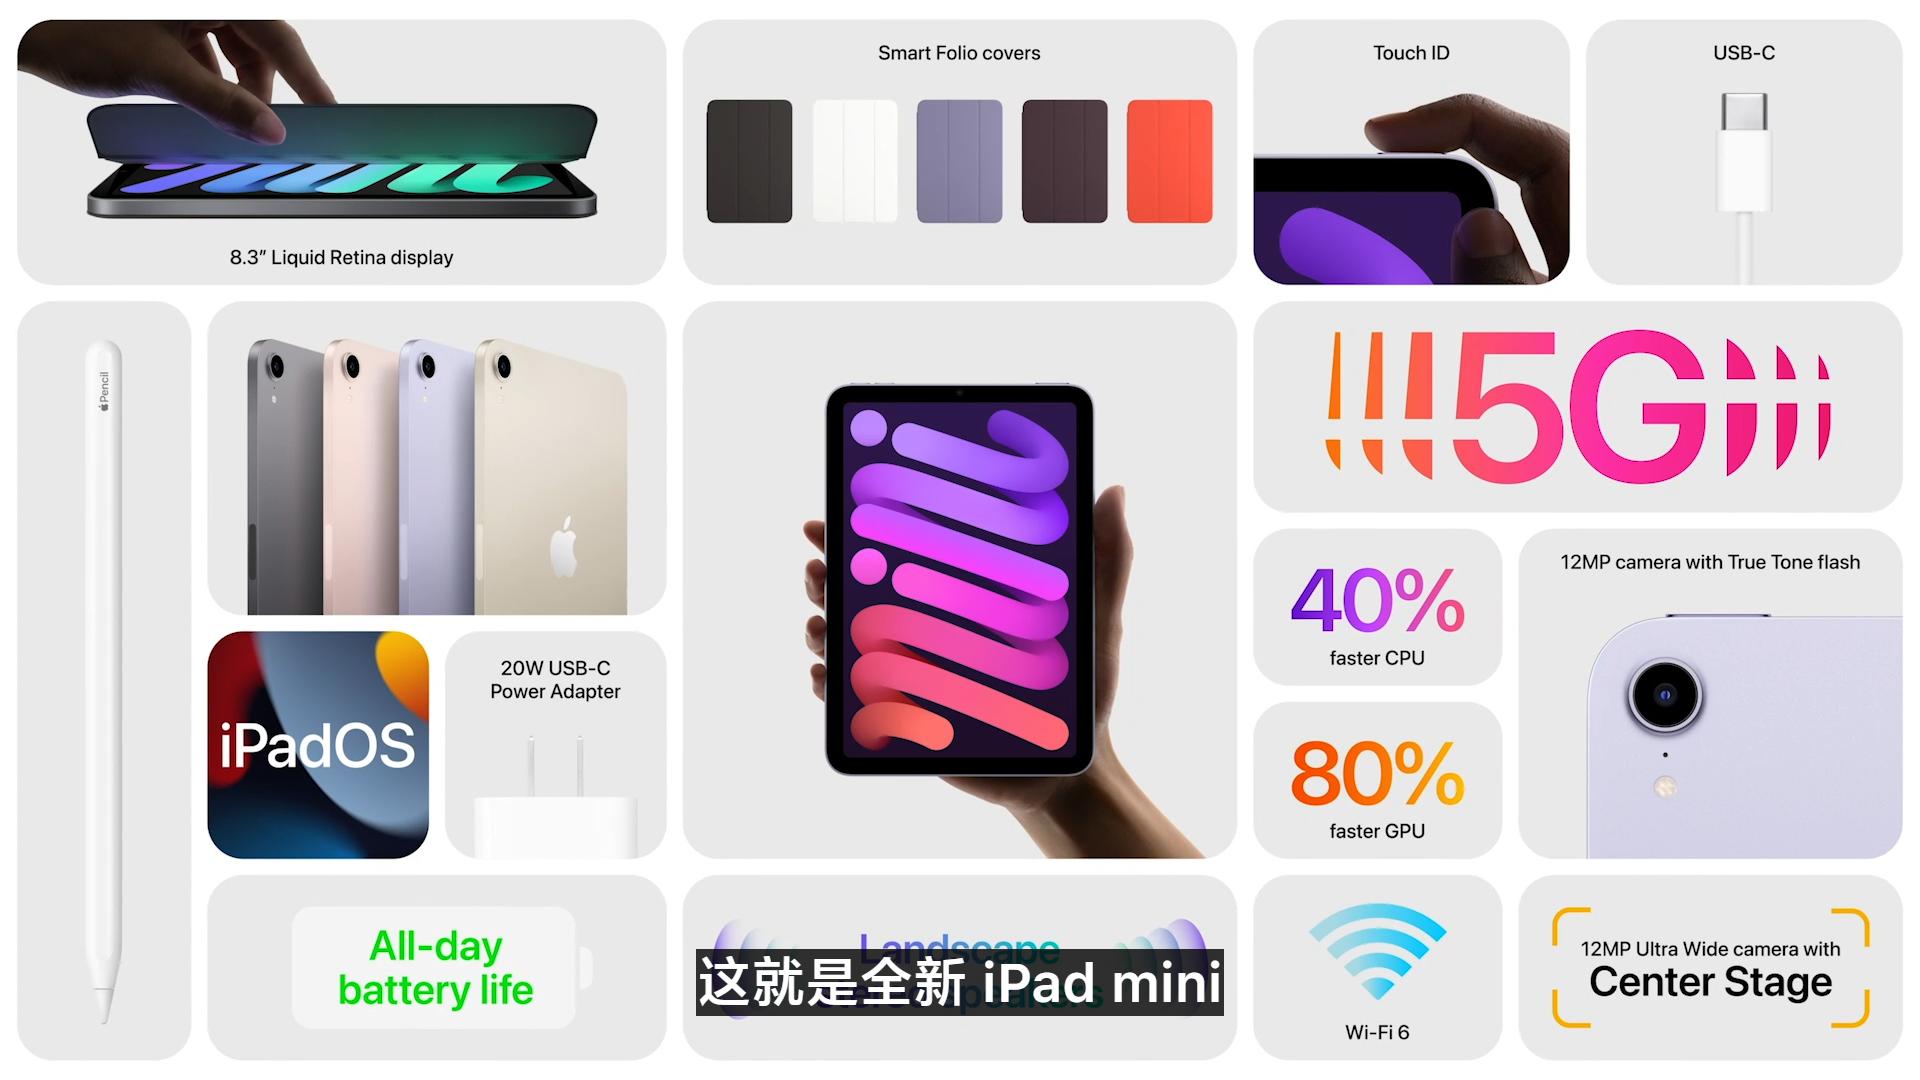 苹果推出iPad mini 6采用全面屏设计支持指纹识别 采用USB-C支持5G